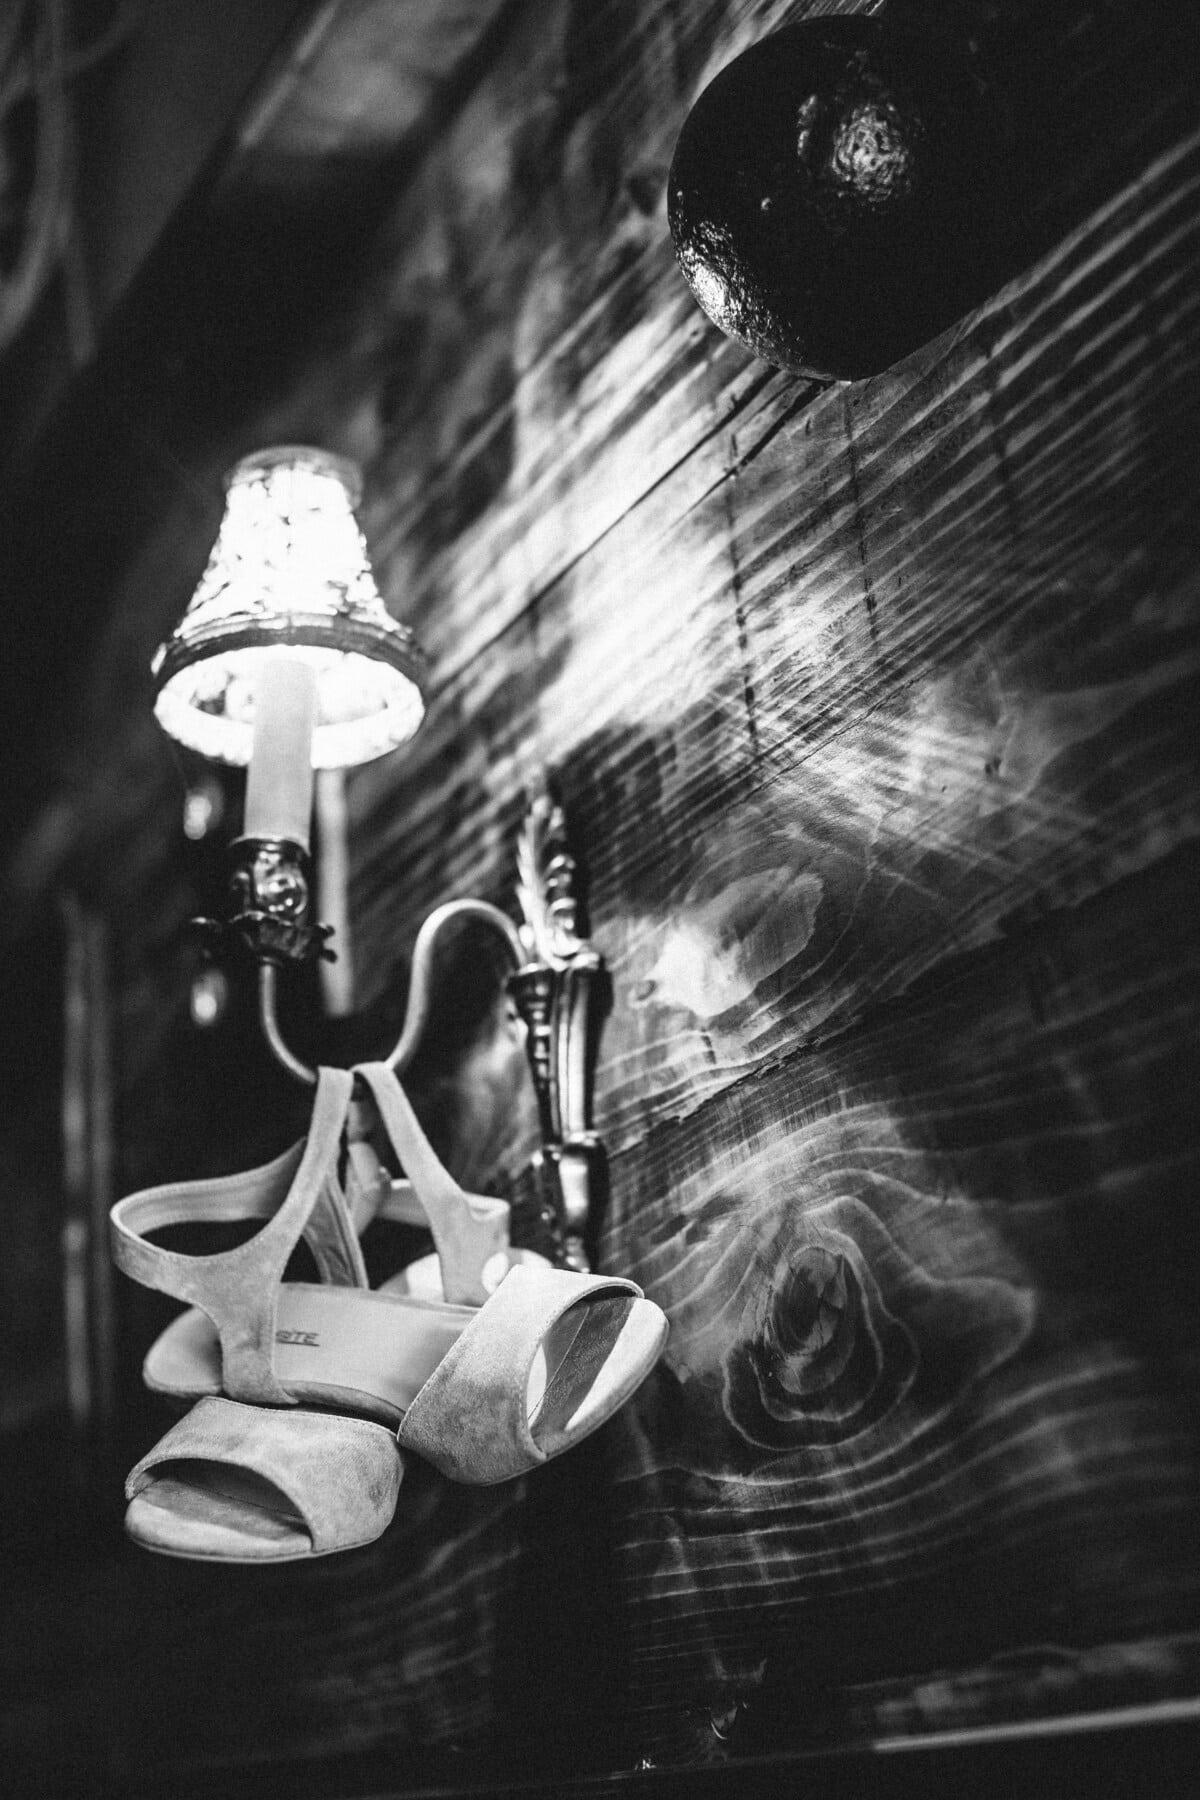 blanc, sandale, chaussures, vintage, style ancien, lumière, lanterne, monochrome, lampe, art